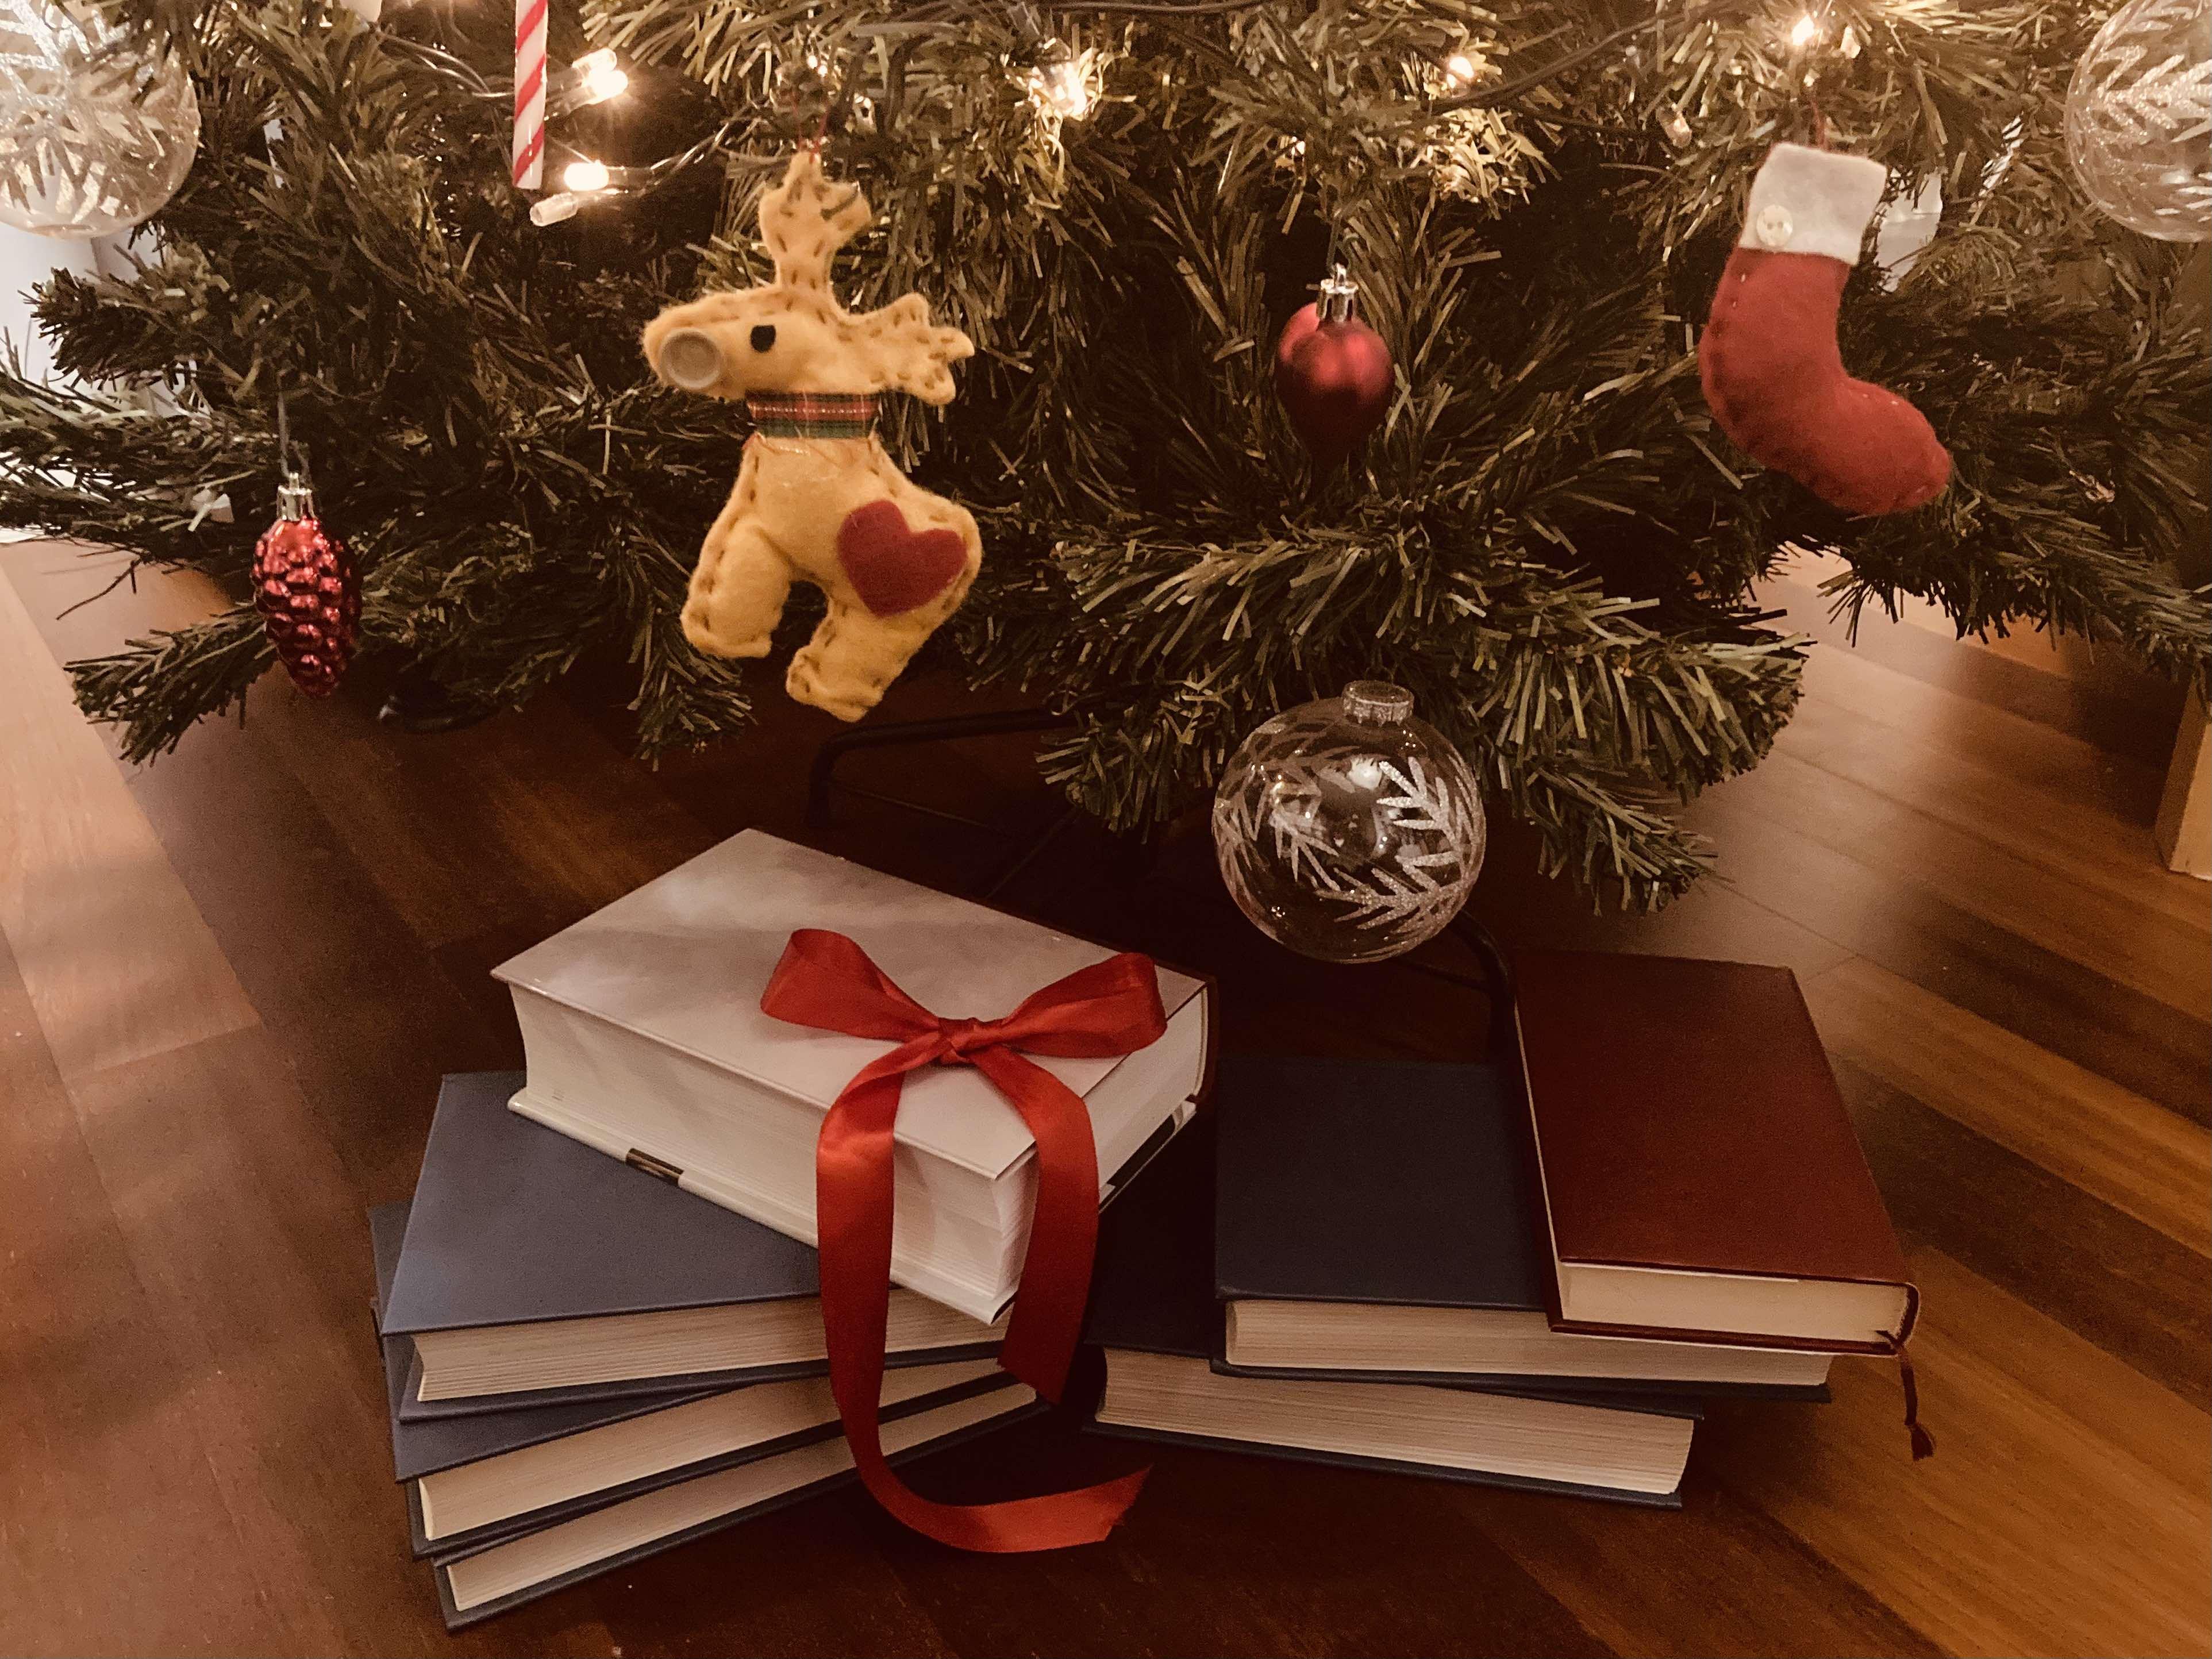 libri sotto albero